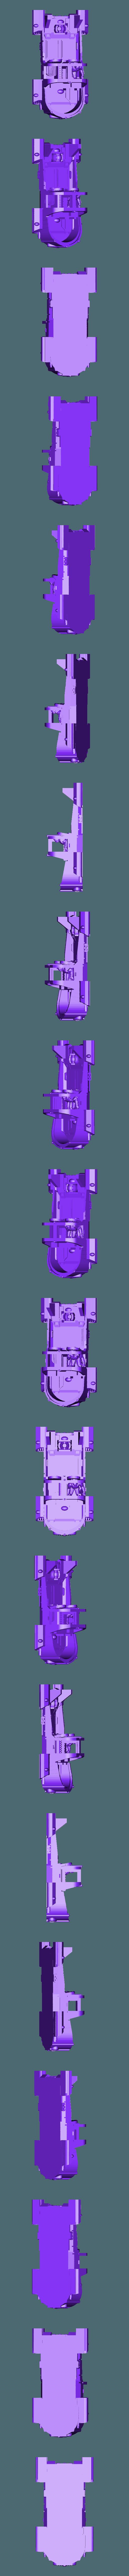 Laser_Cat_Boat.stl Télécharger fichier STL gratuit Banc pour chat laser sans support • Modèle à imprimer en 3D, mrhers2